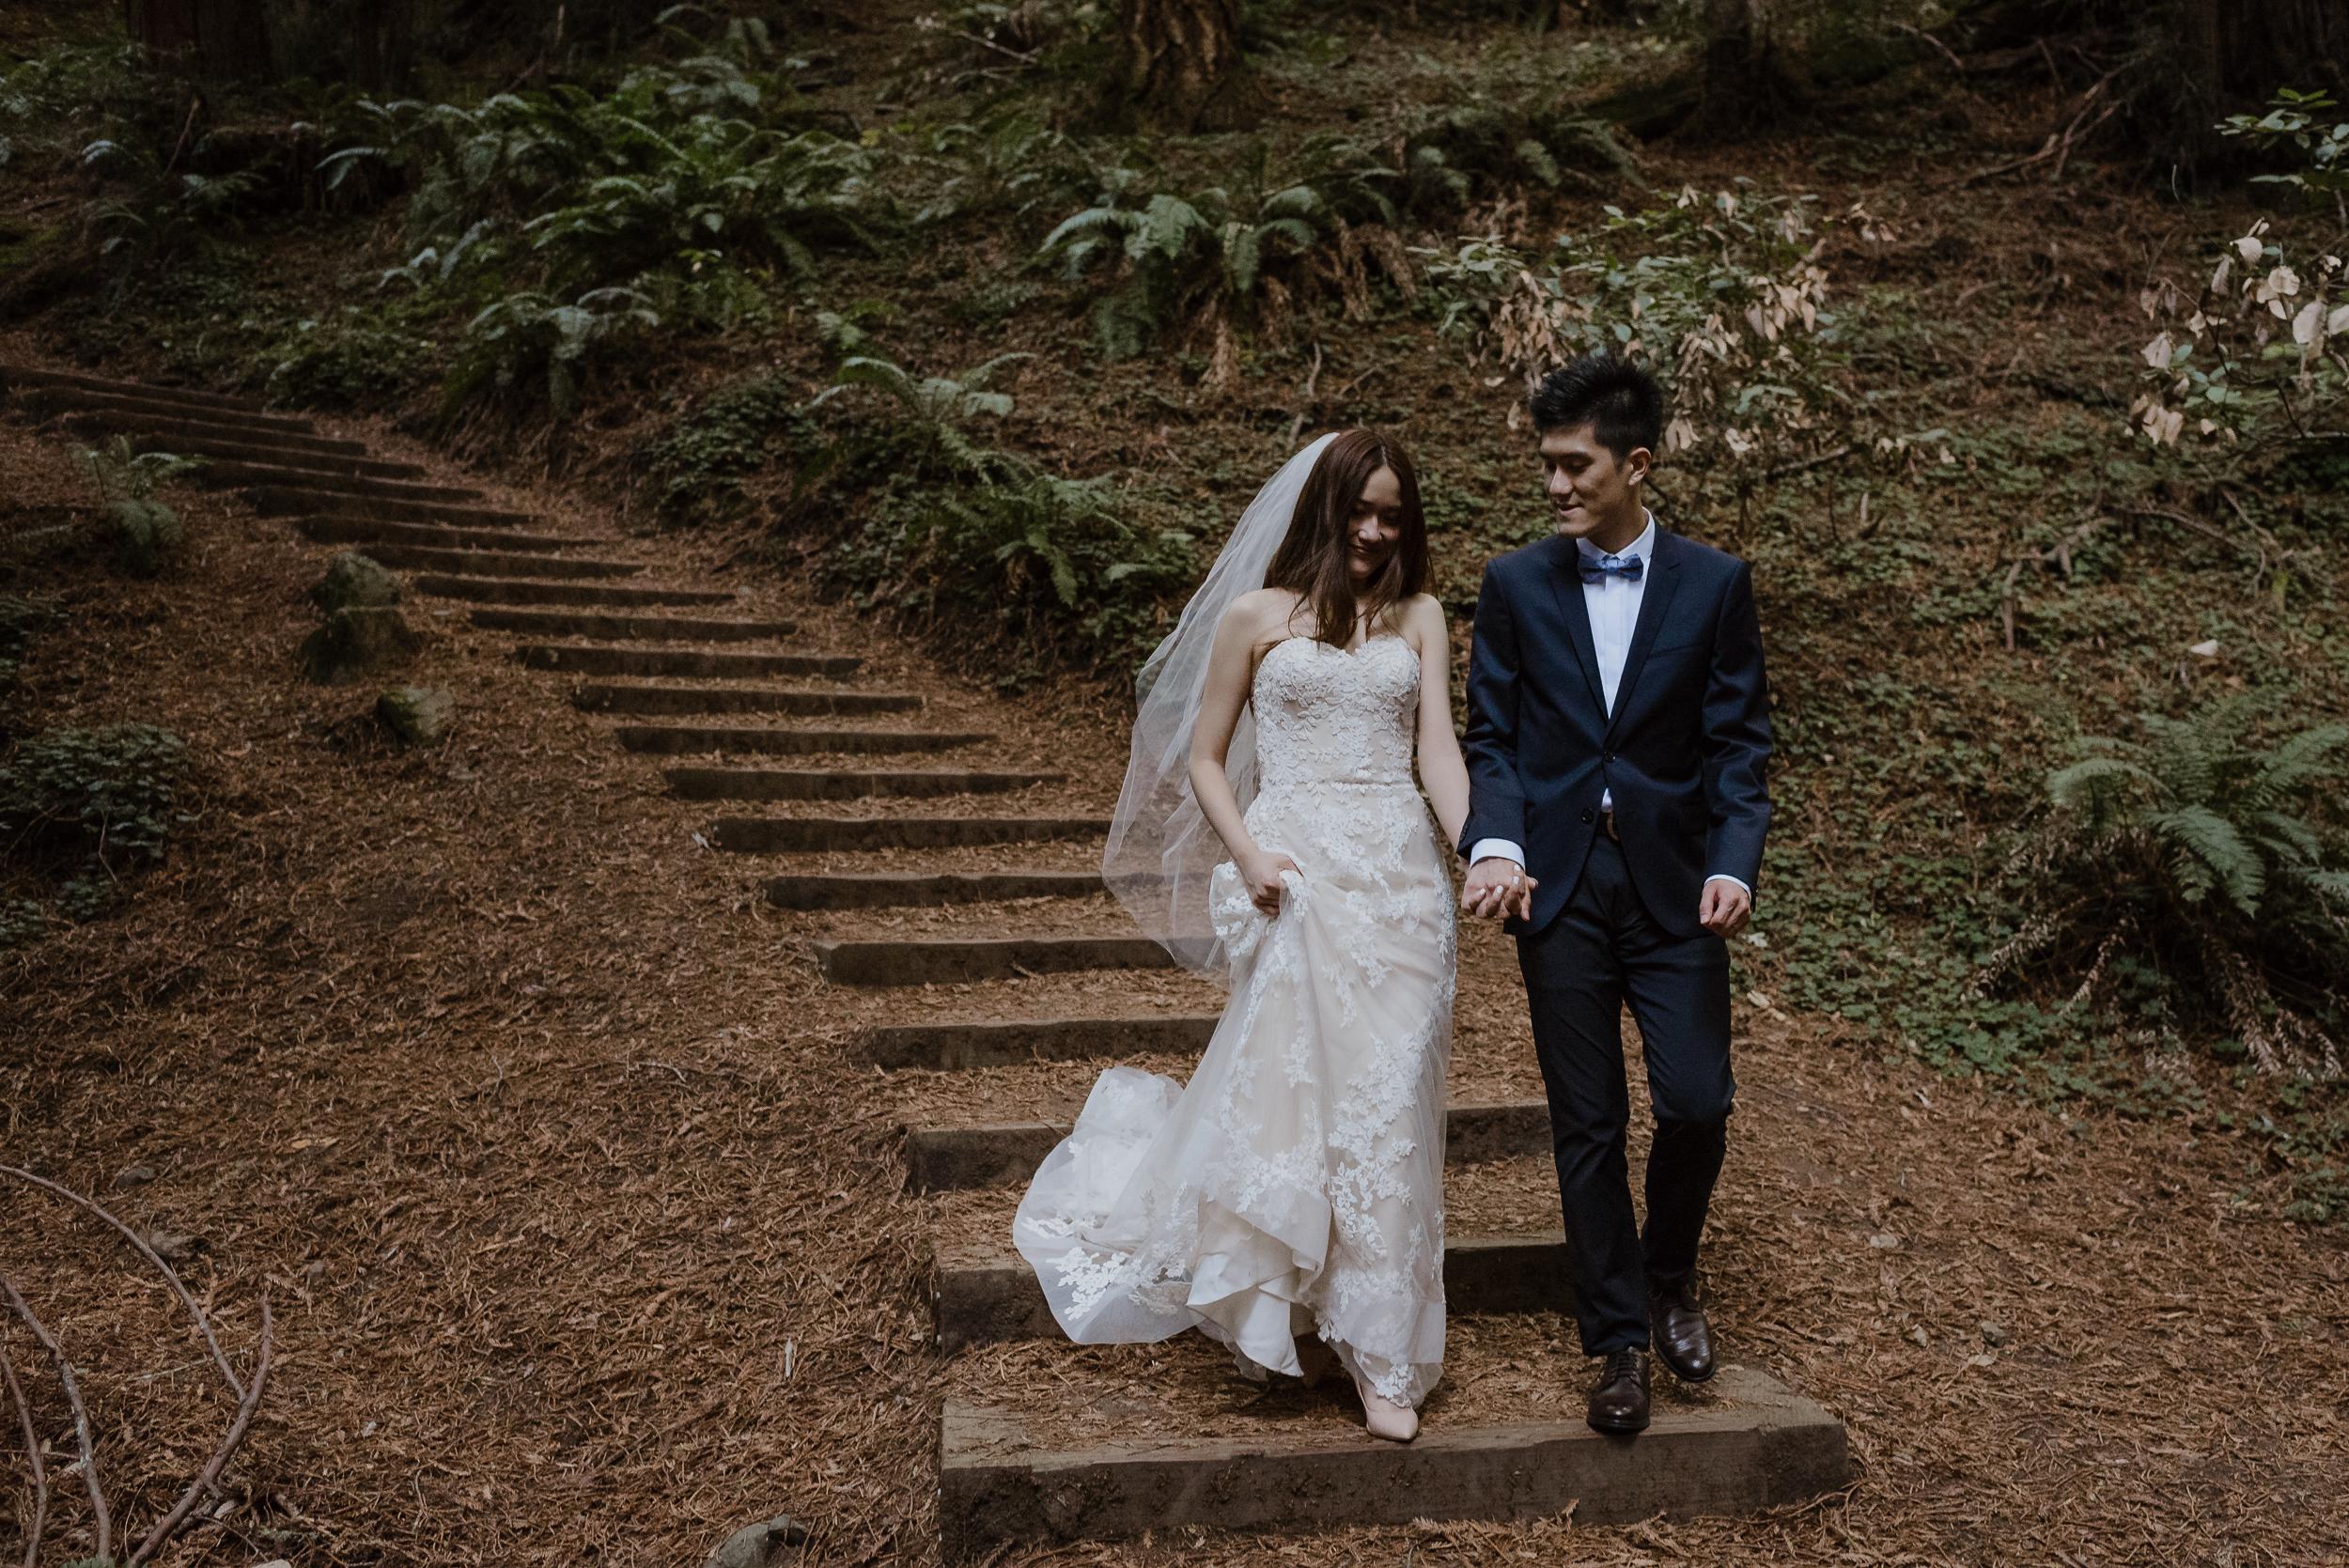 02-muir-woods-wedding-engagement-portrait-session-vivianchen-044.jpg